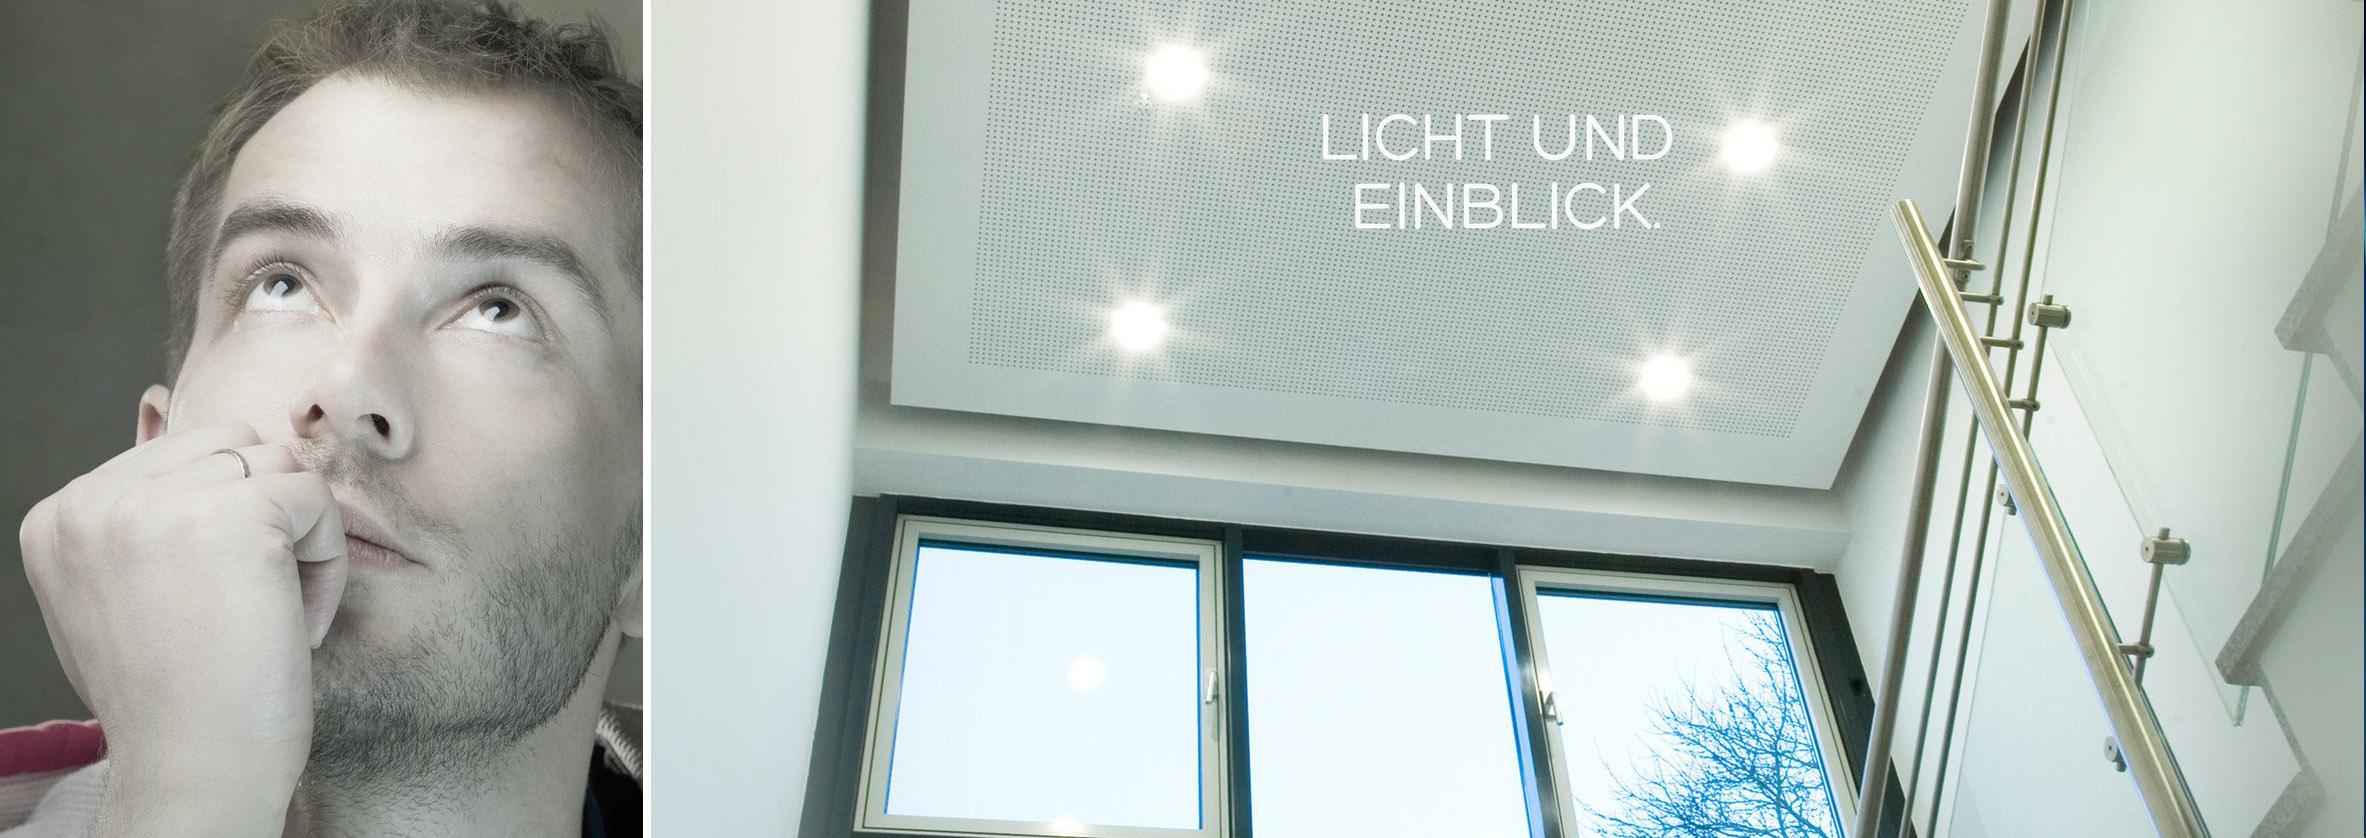 Licht und Einblick - Saro-lux